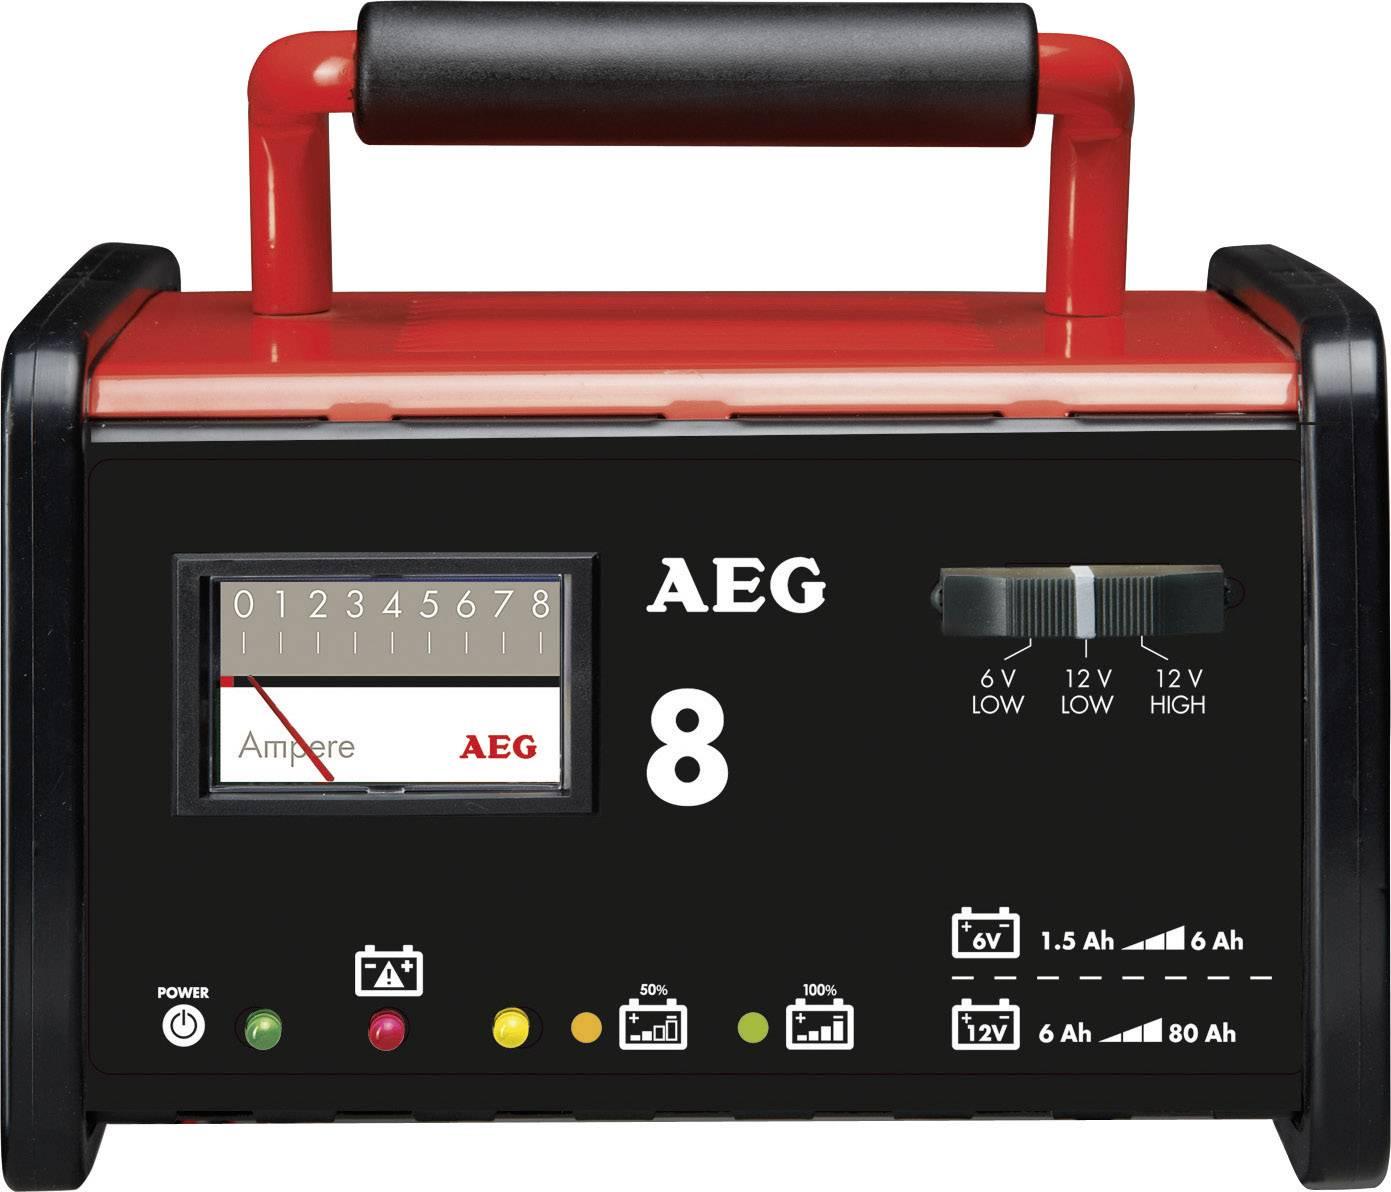 Dielenská nabíjačka AEG WM 8 2AEG97008, 6 V, 12 V, 7.2 A, 8 A